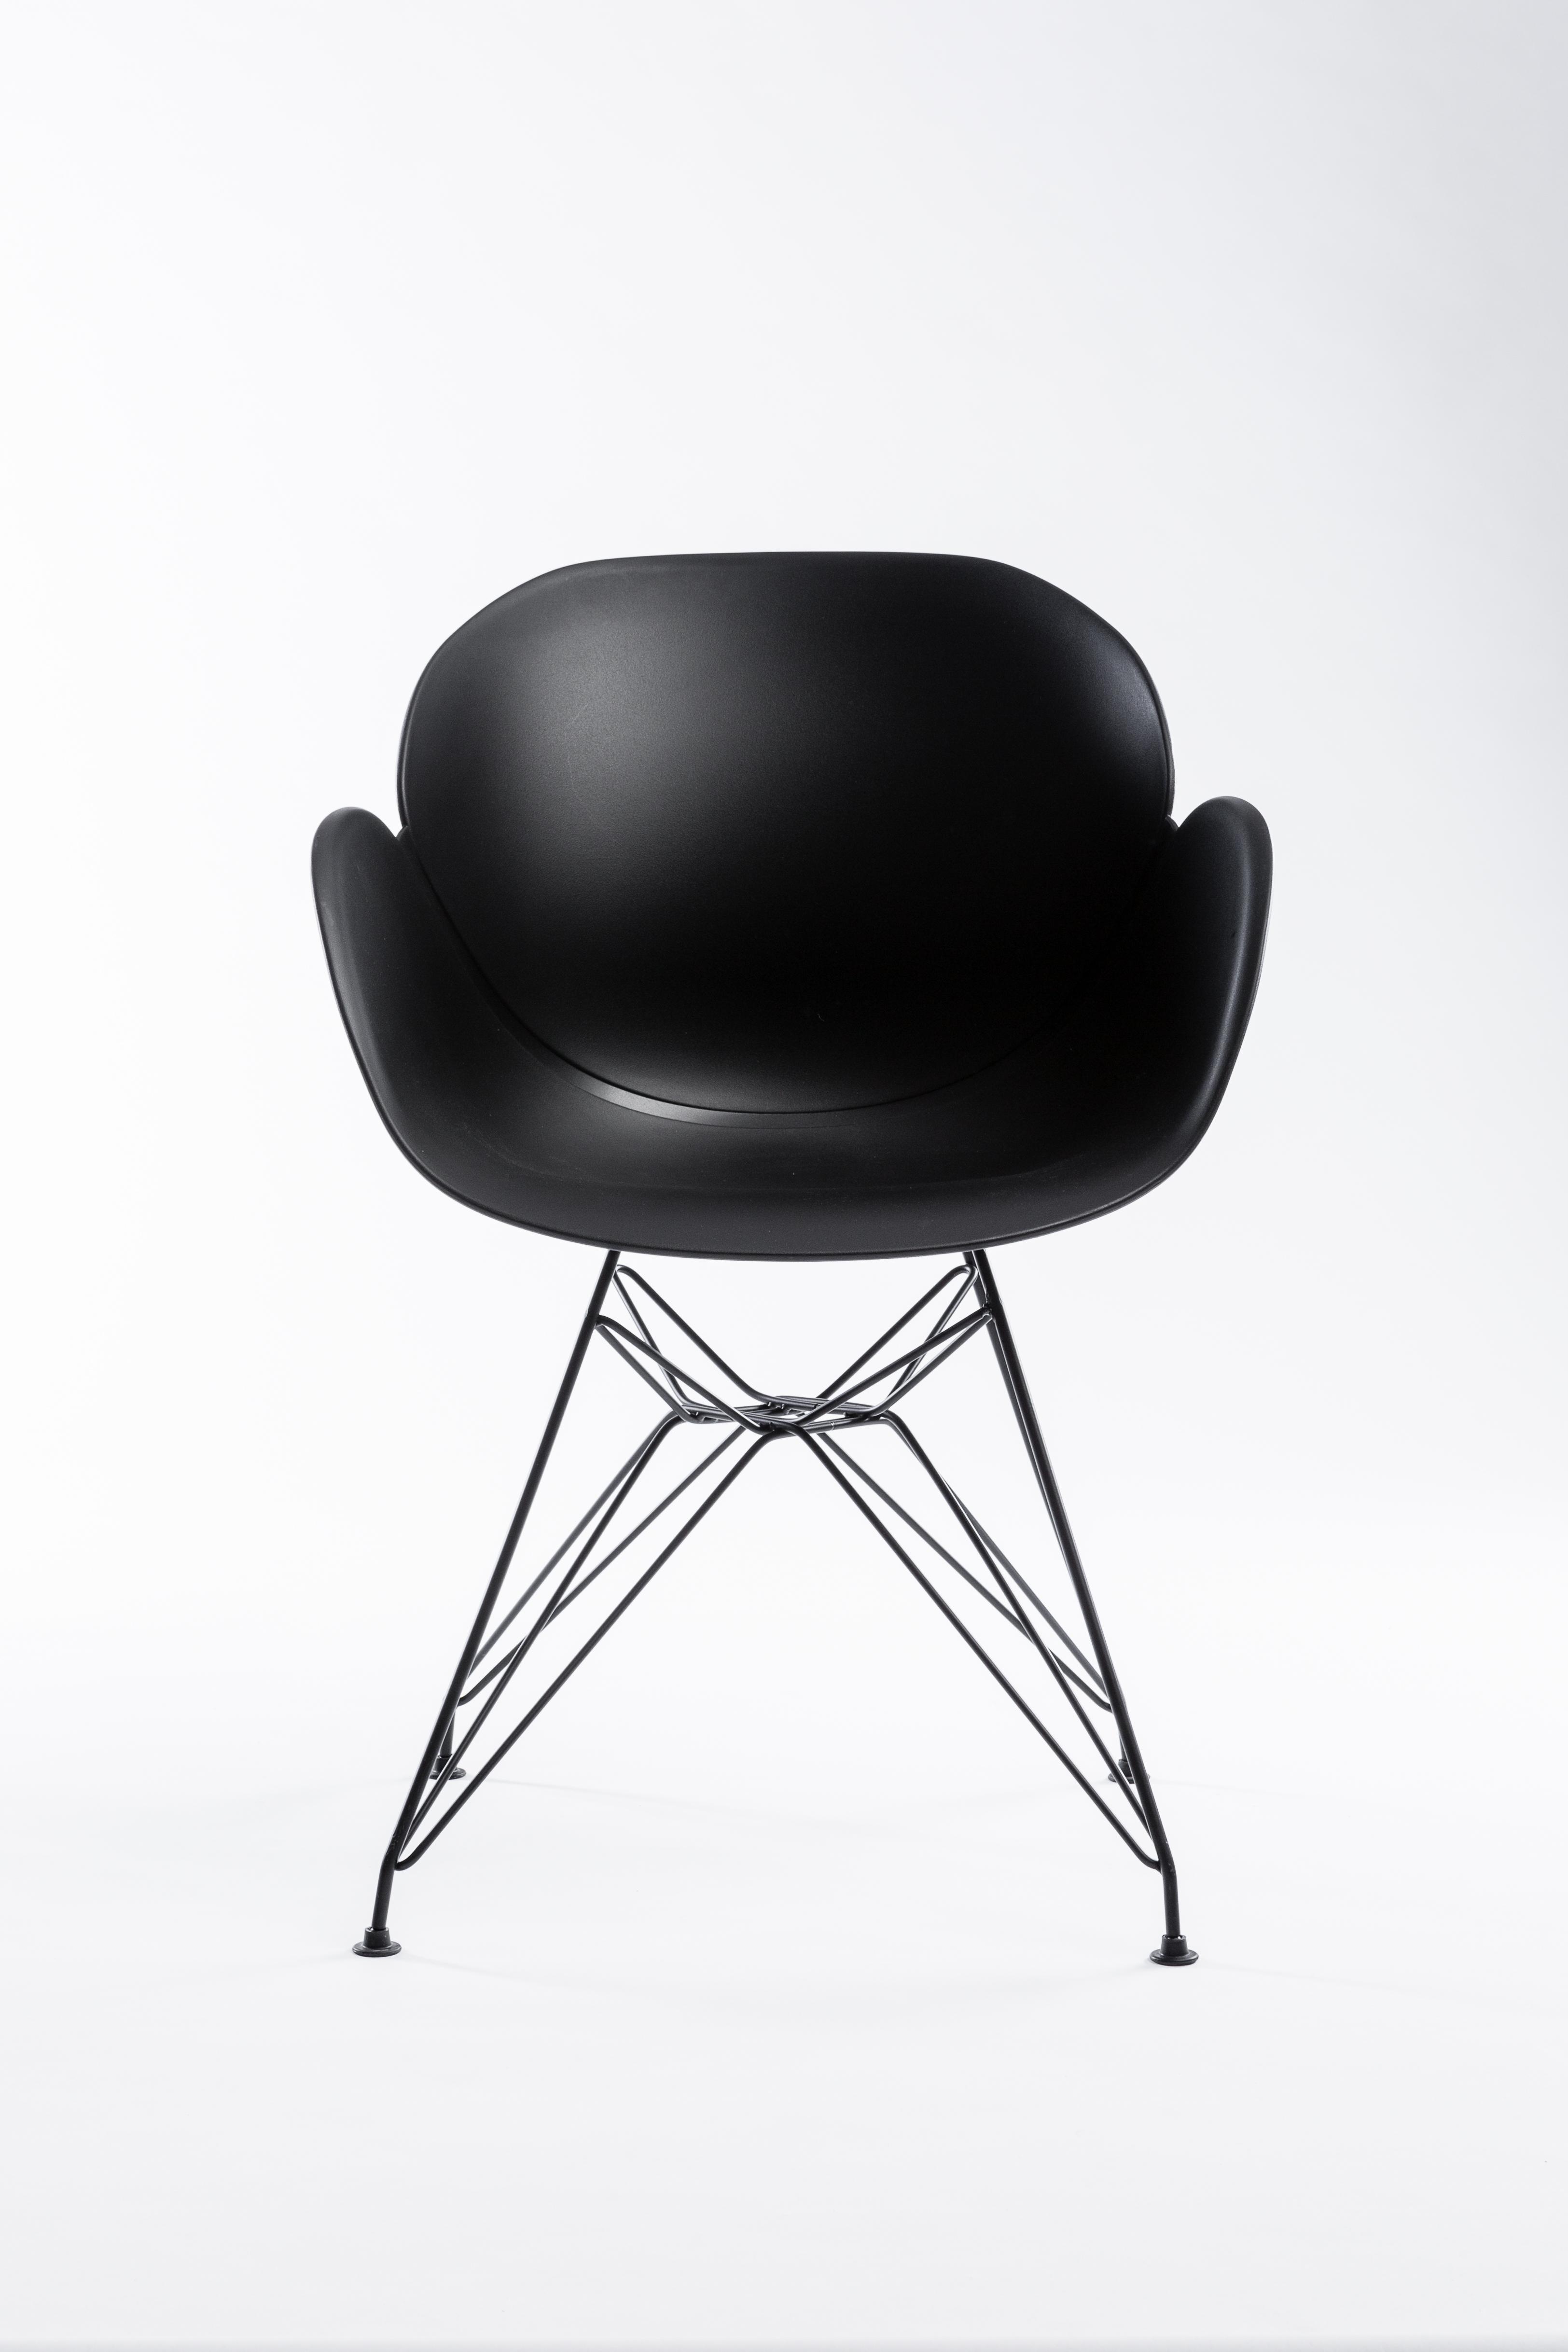 Sedia malaga nera by unico milano restylit shop for Sedia design nera